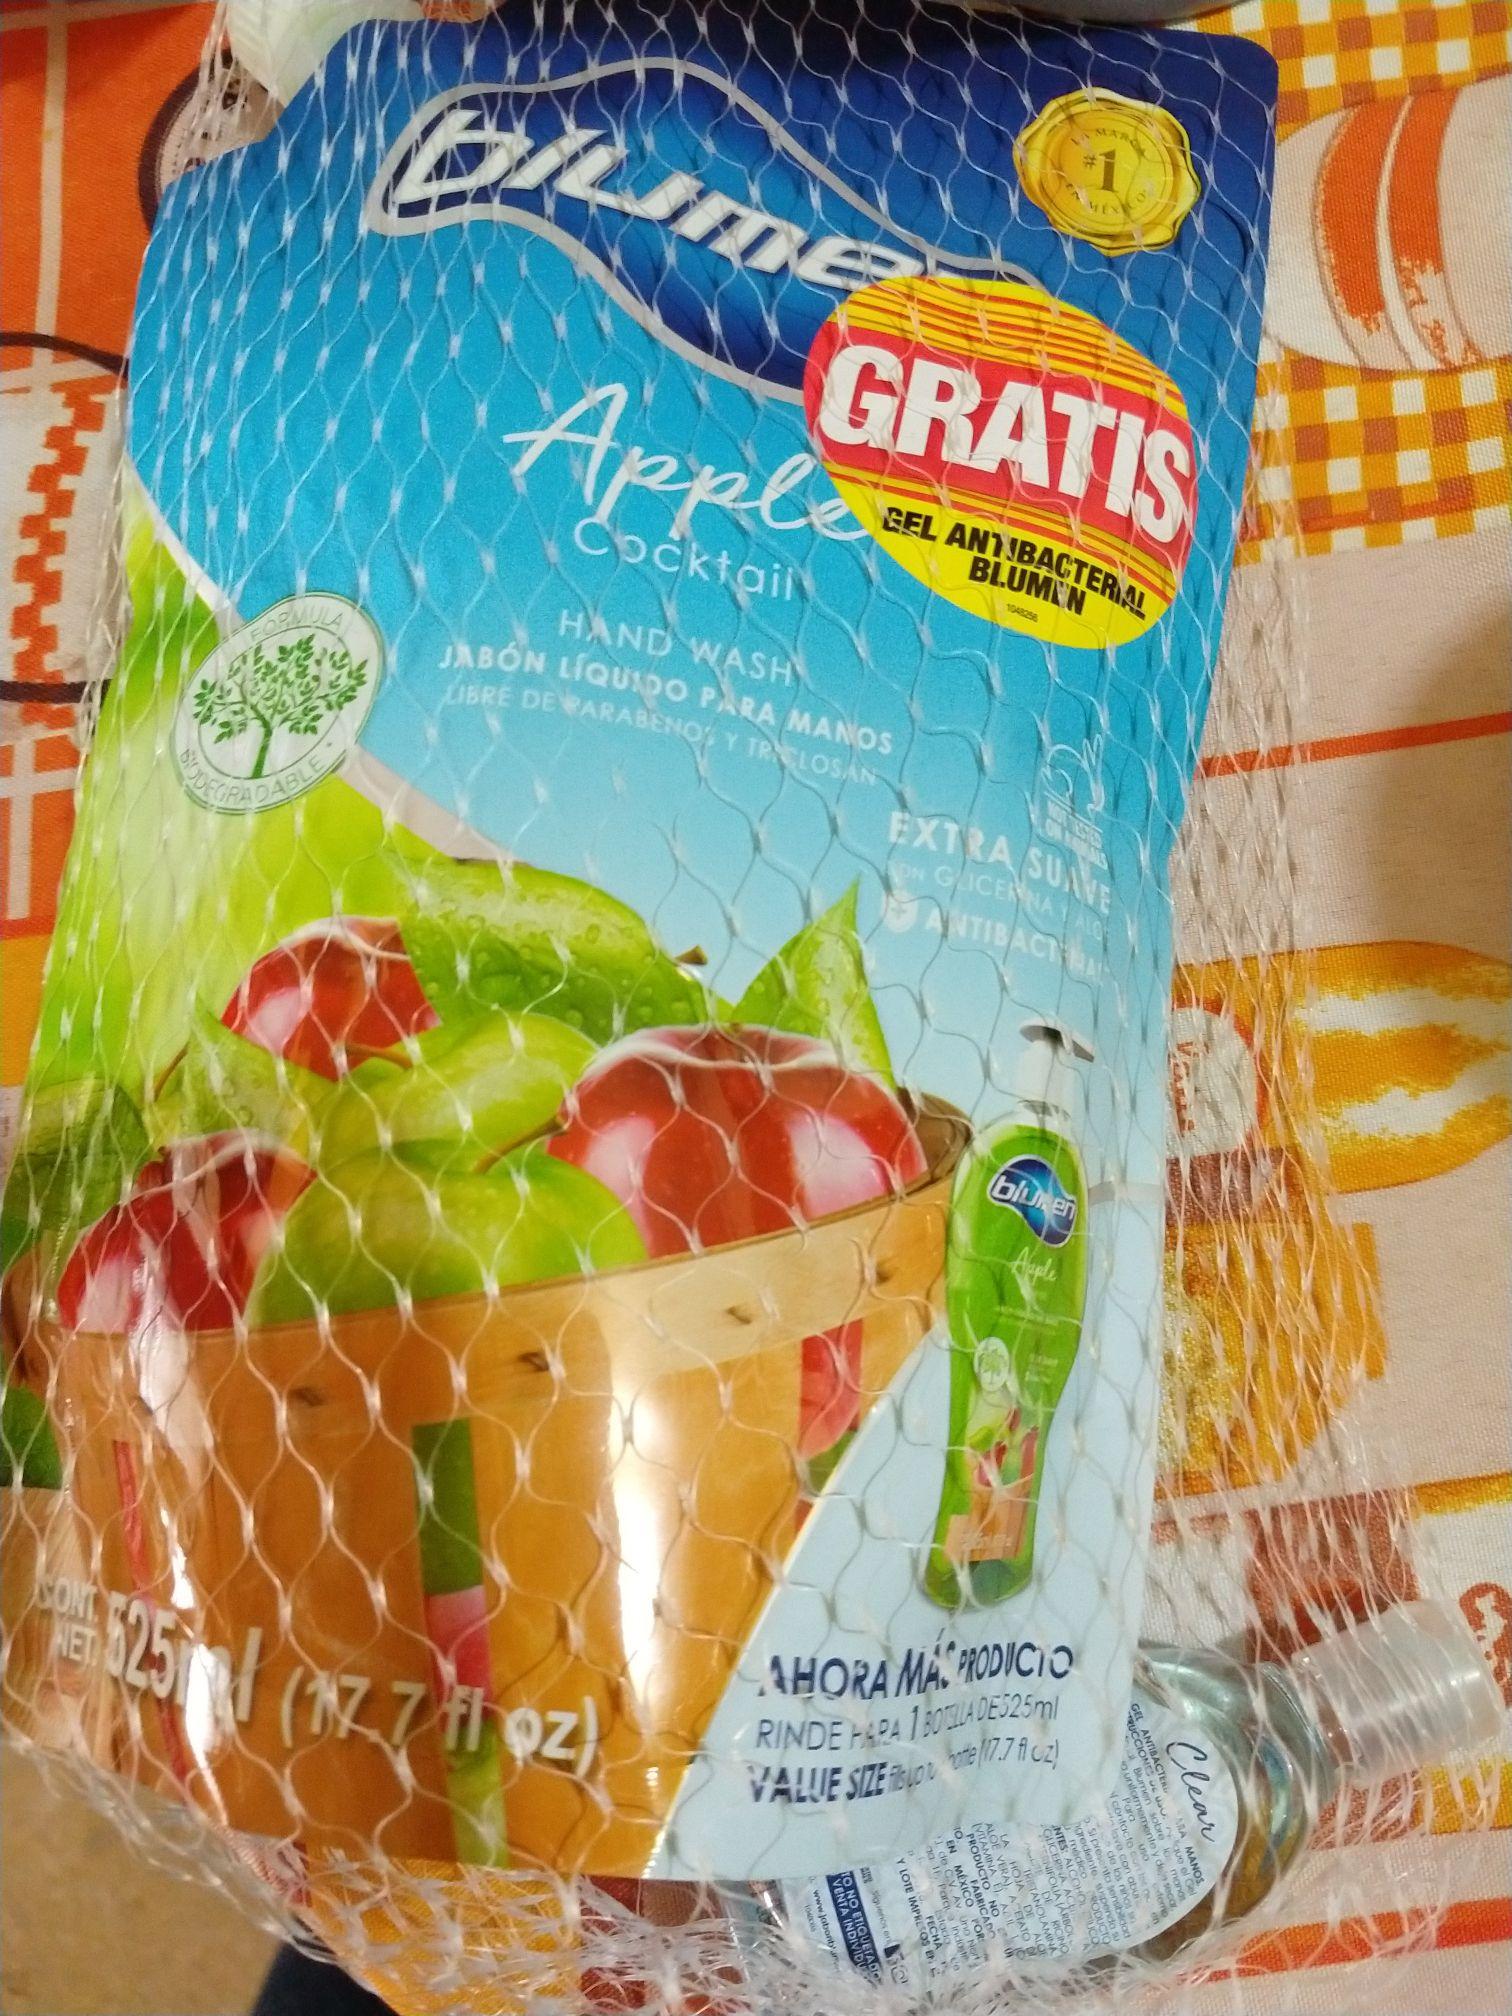 Bodega Aurrera: Jabon para manos sobre de 525 ml marca blumen y otros productos mas en .03